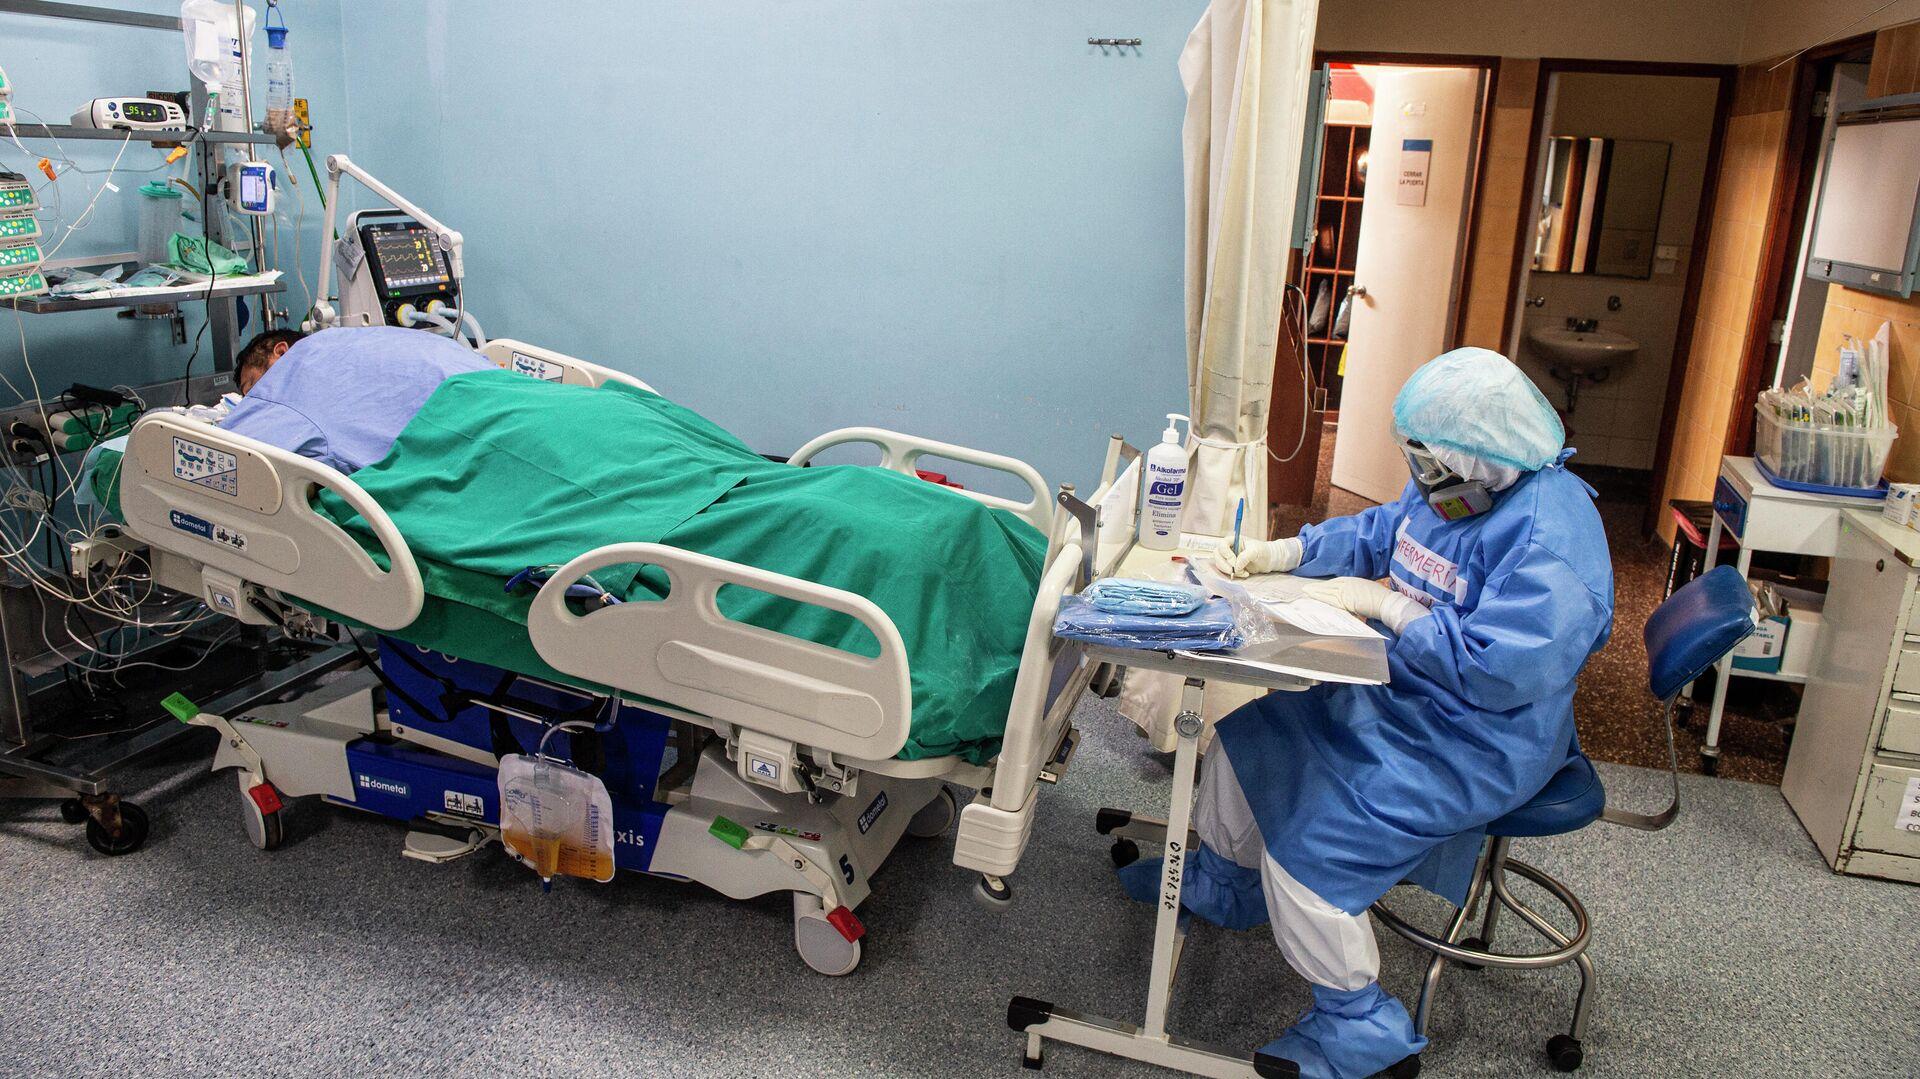 Un médico junto a un paciente con COVID-19 en un hospital de Lima, Perú - Sputnik Mundo, 1920, 03.03.2021